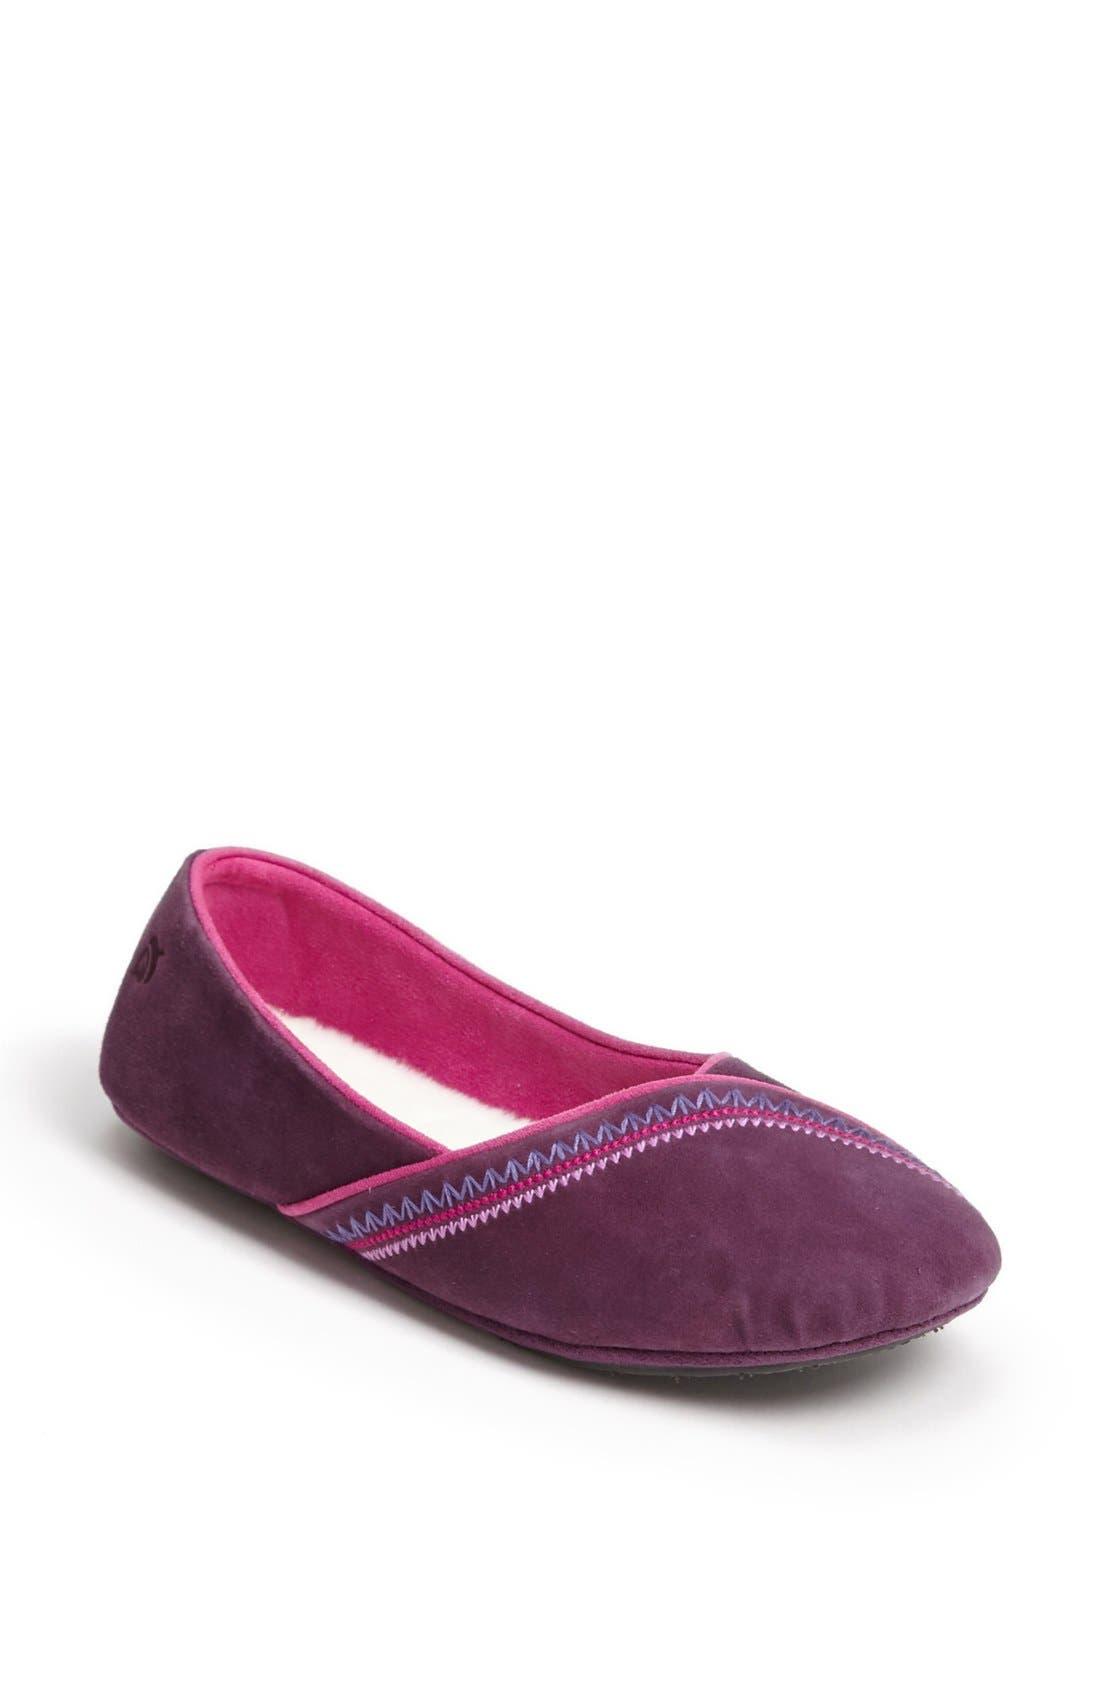 Main Image - Acorn Ballet Slipper